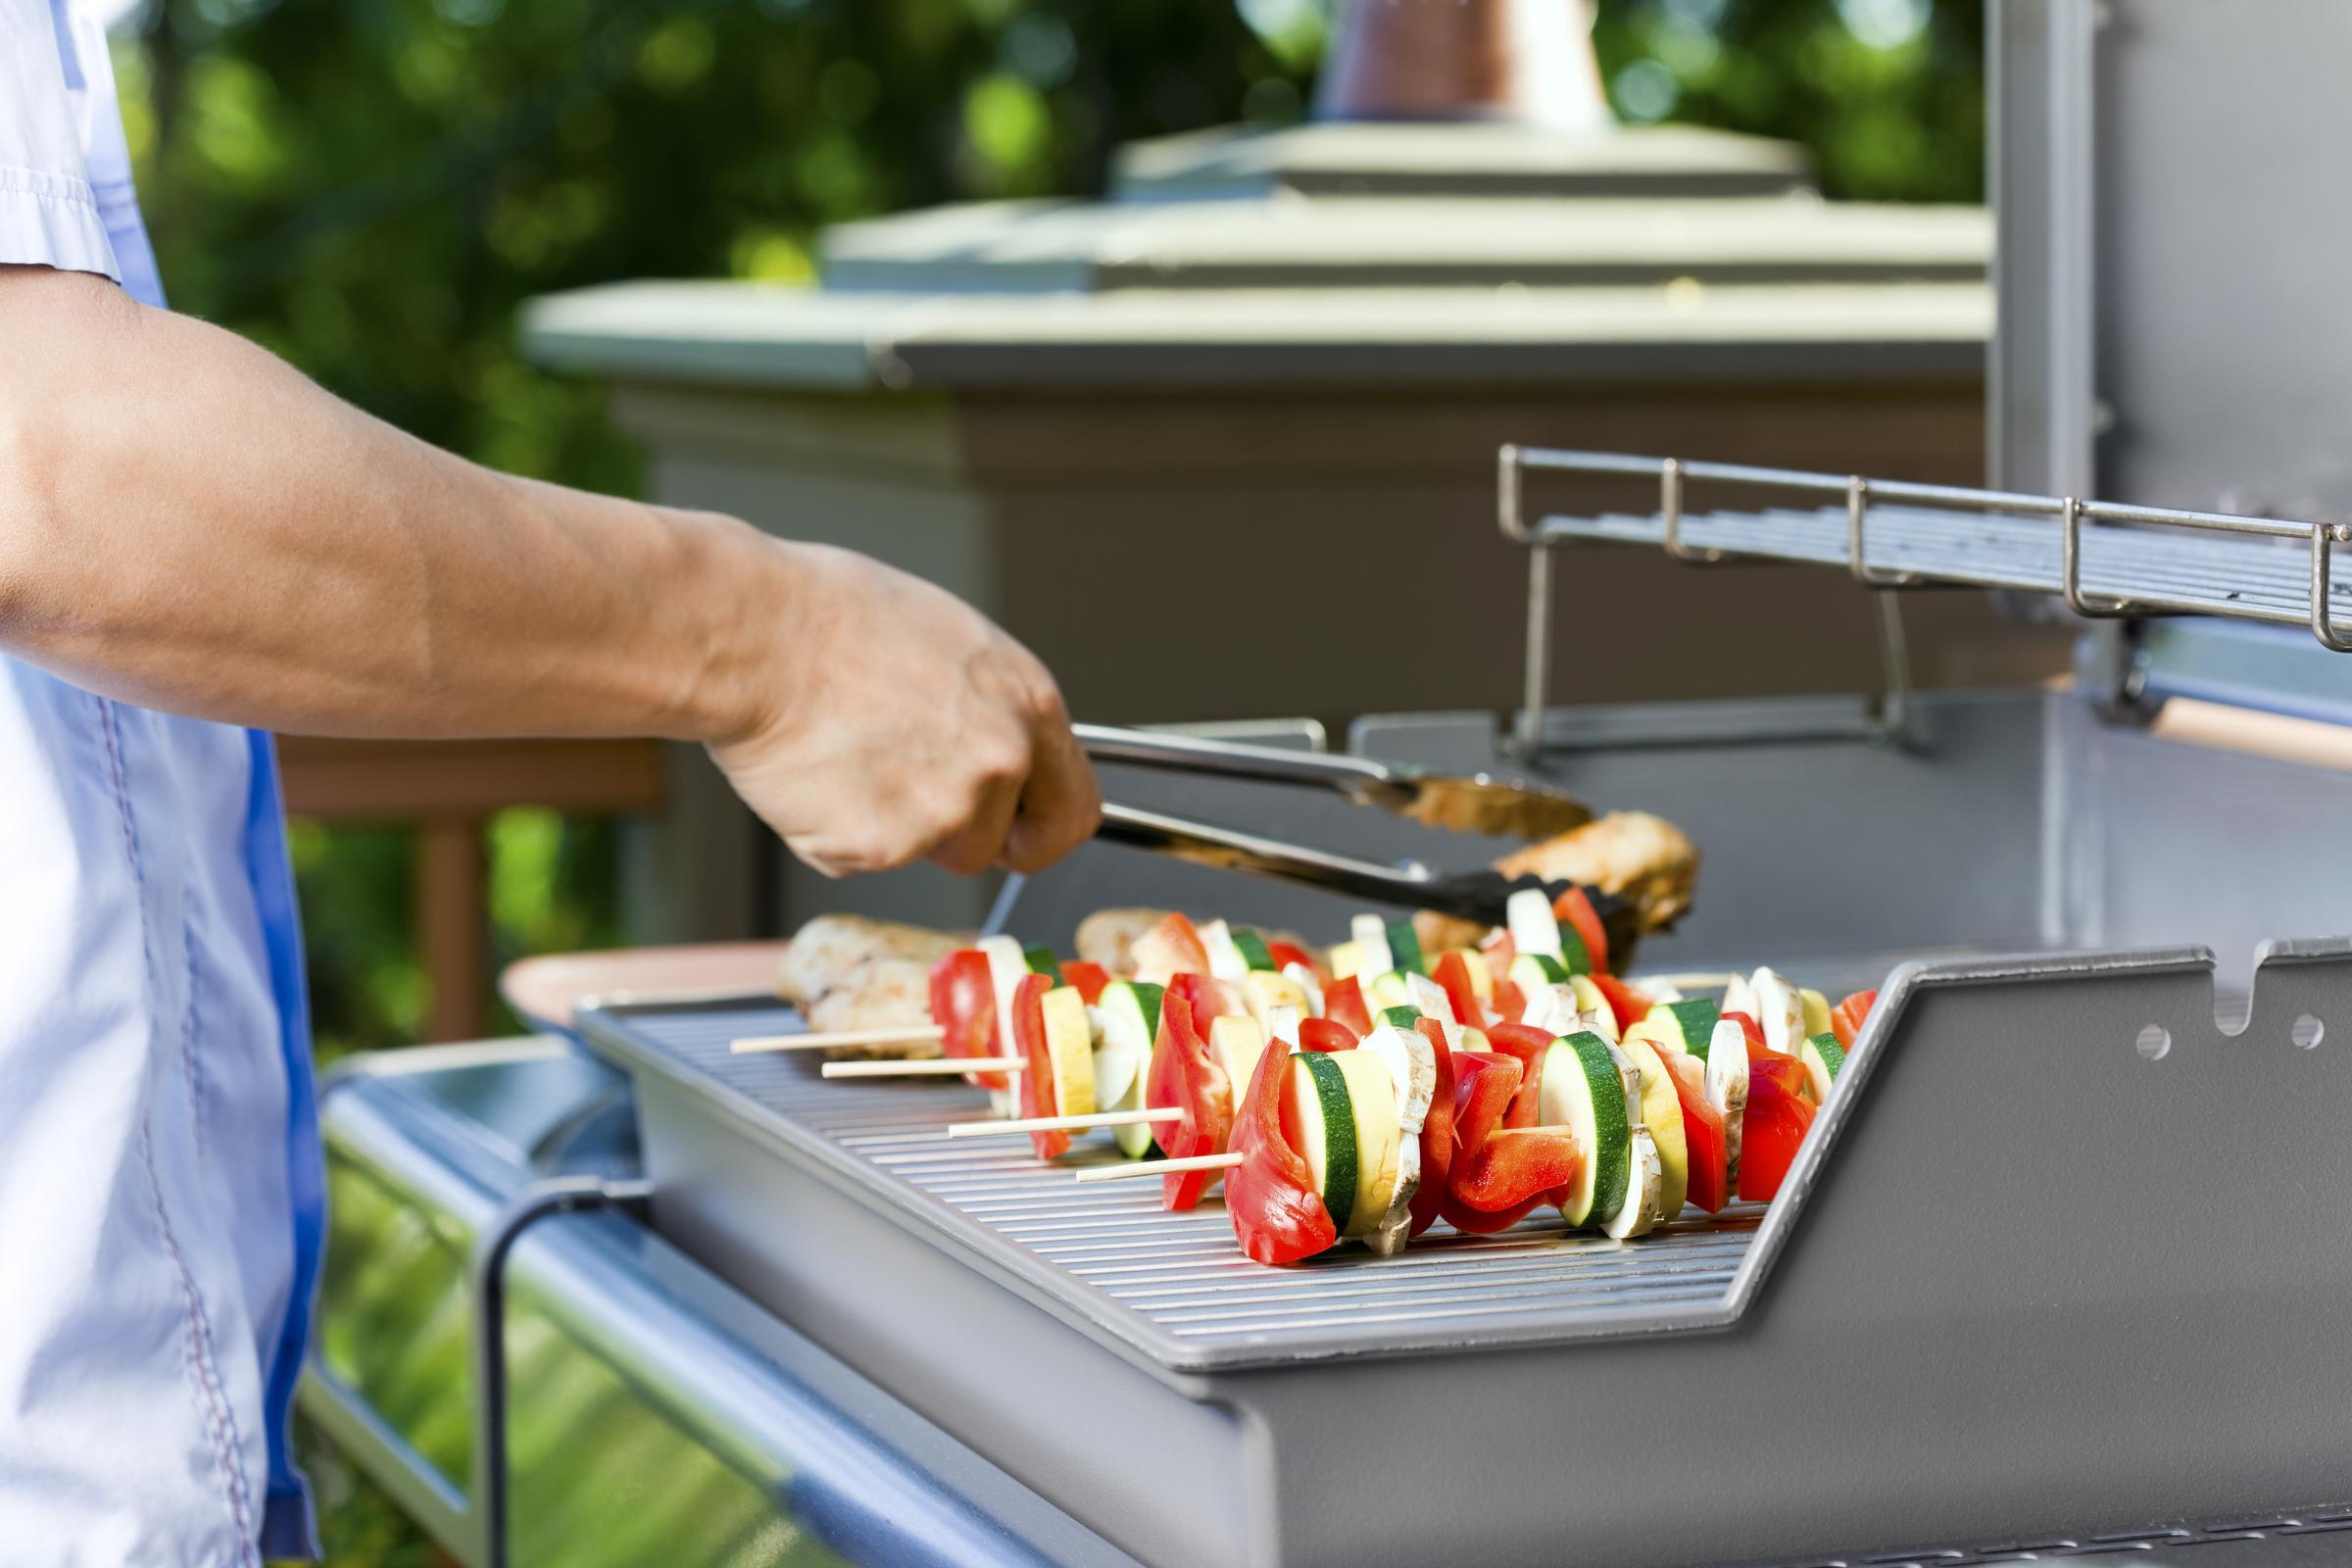 a man cutting food on a tray